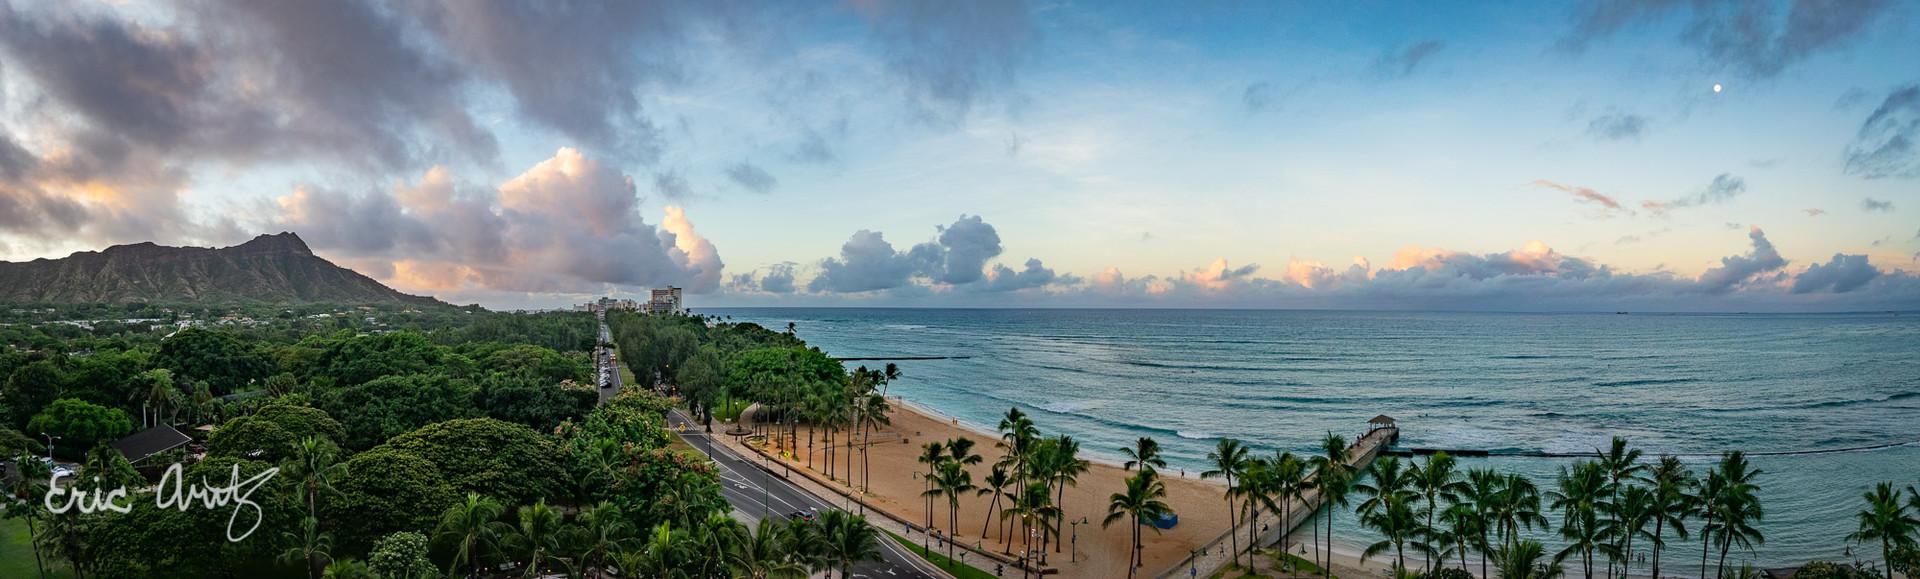 Twilight at Waikiki Beach